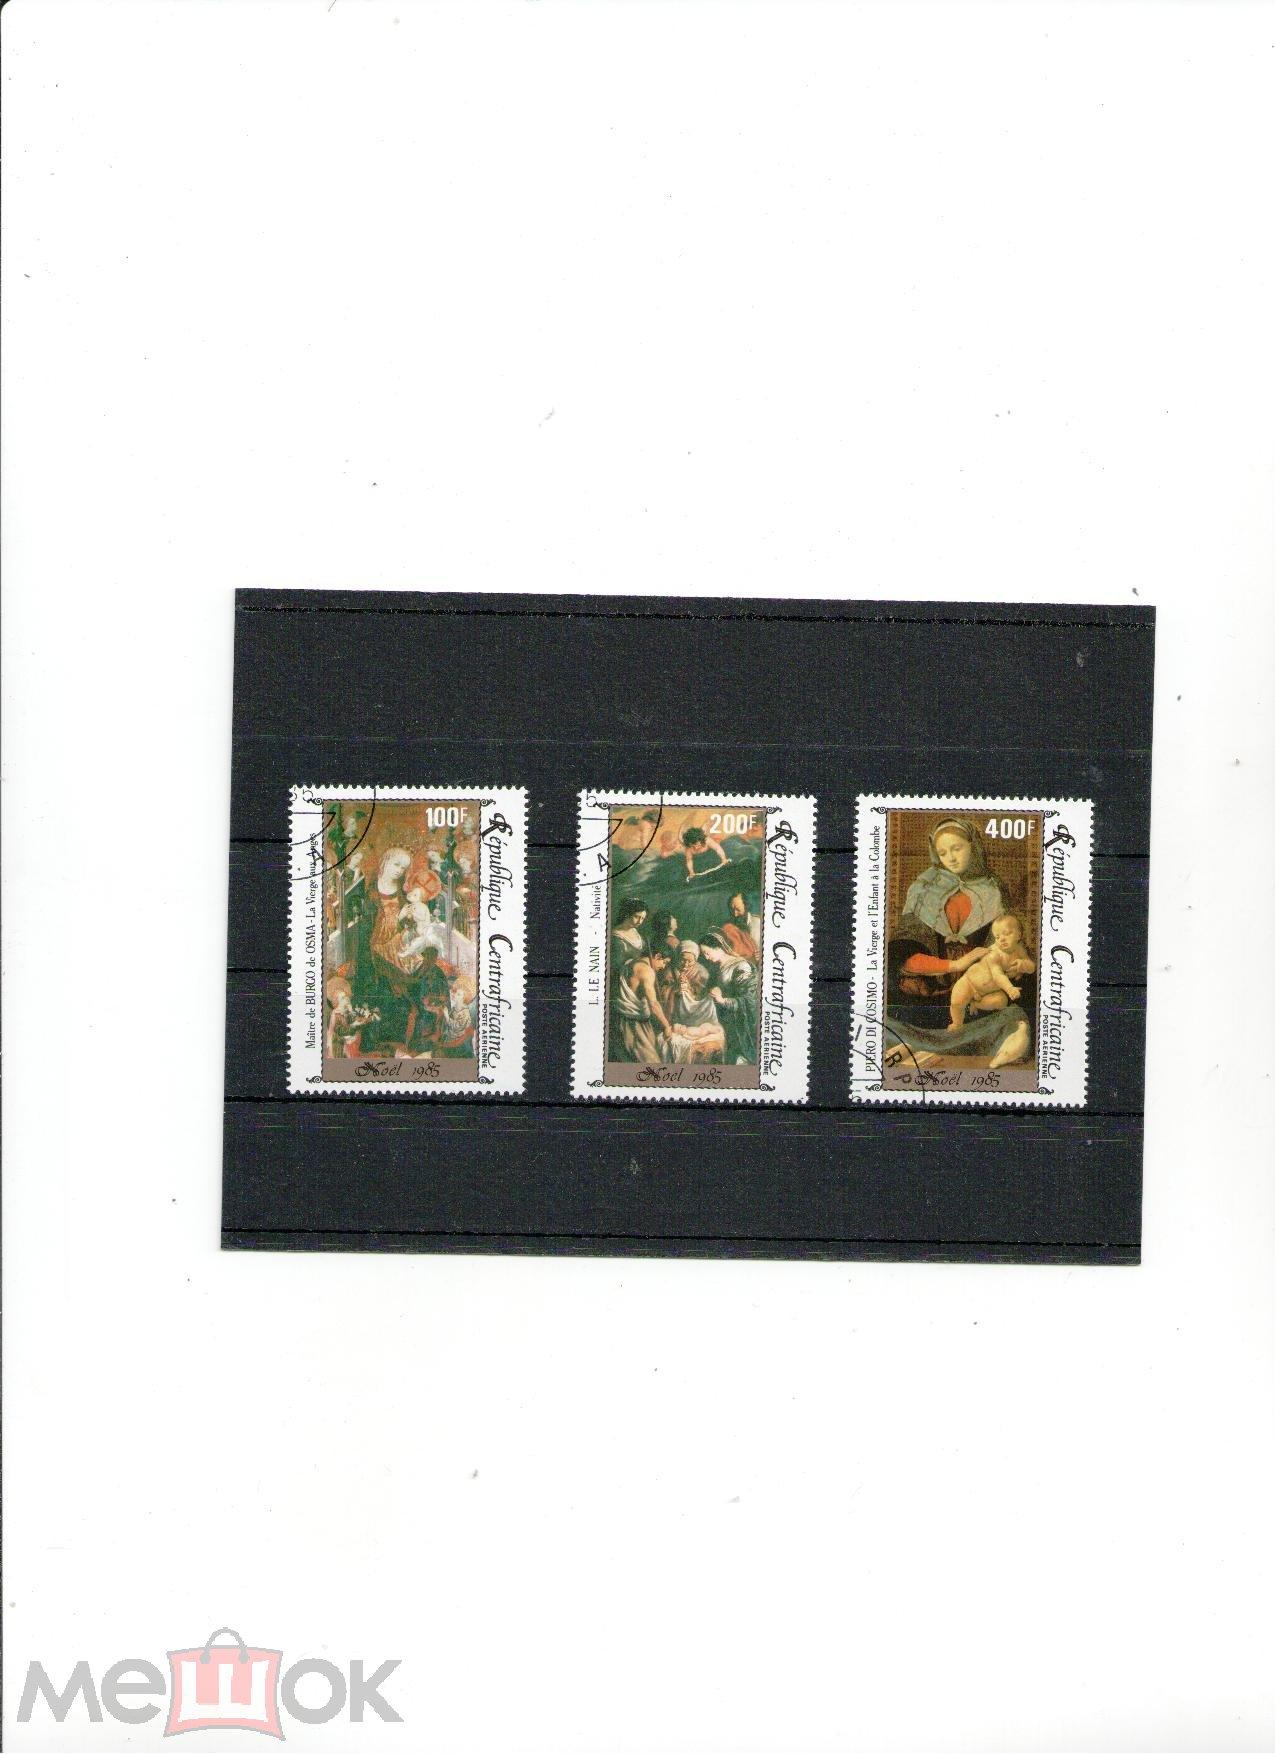 ЦАР 1983г. Живопись.Серия 3 марки гашеные.